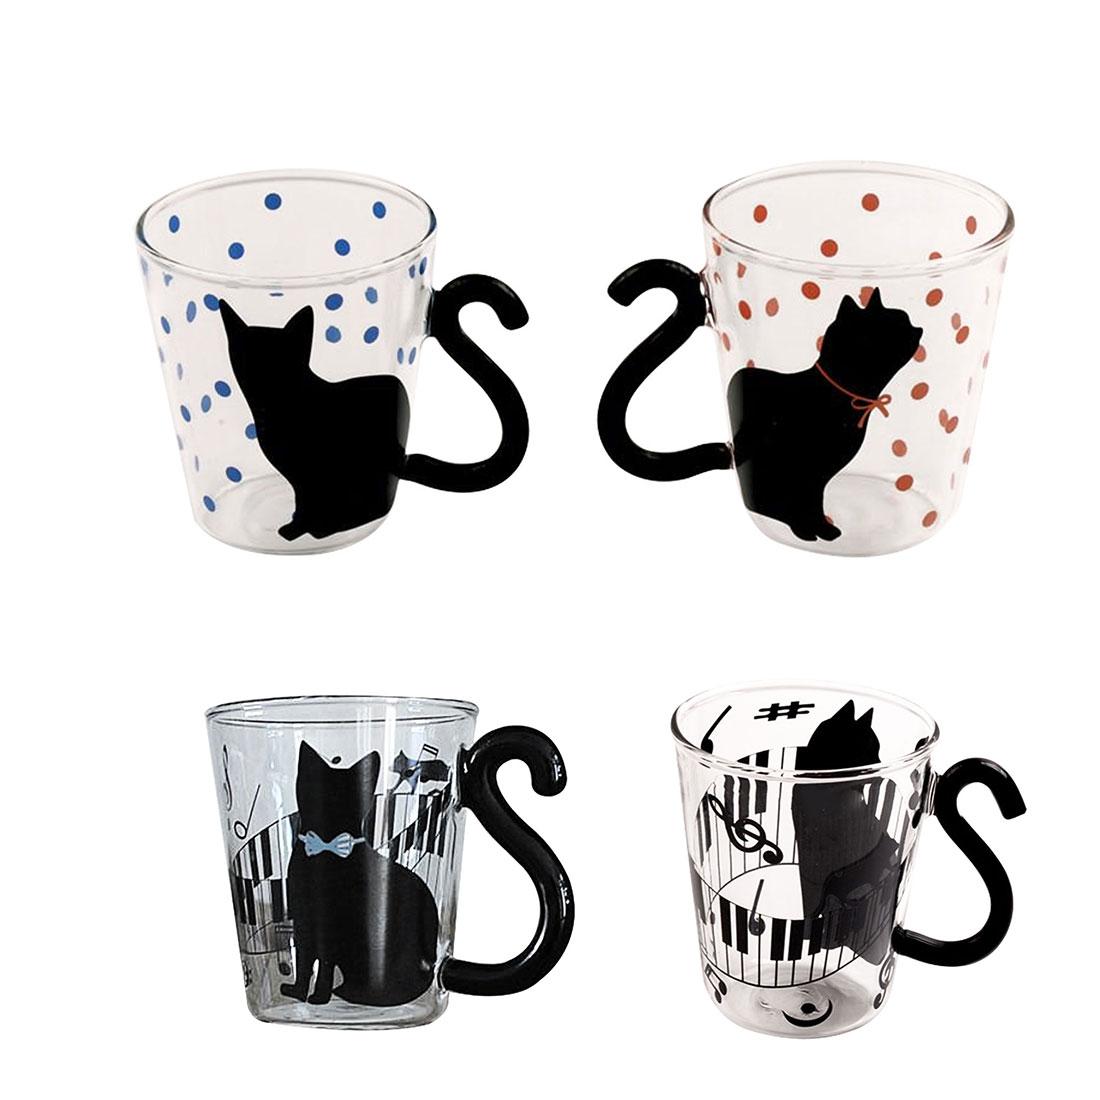 COOL Creative Chat Kitty Verre Tasse Tasse Tasse de Thé Café Au Lait Tasse Musique/Points/Anglais Mots Home Office tasse